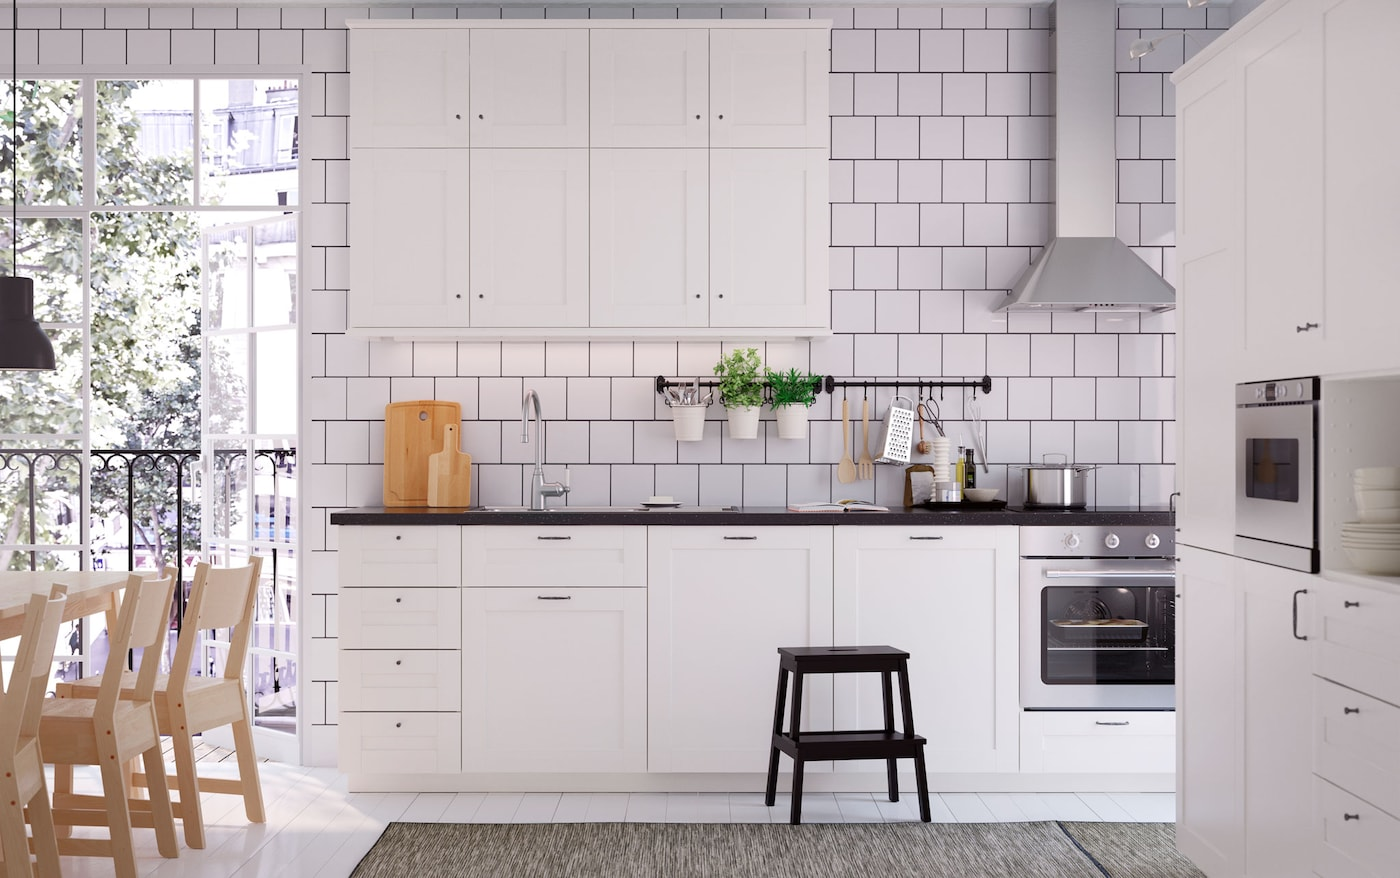 Outdoor Küche Ikea Family : Die weißgeliebte küche ikea